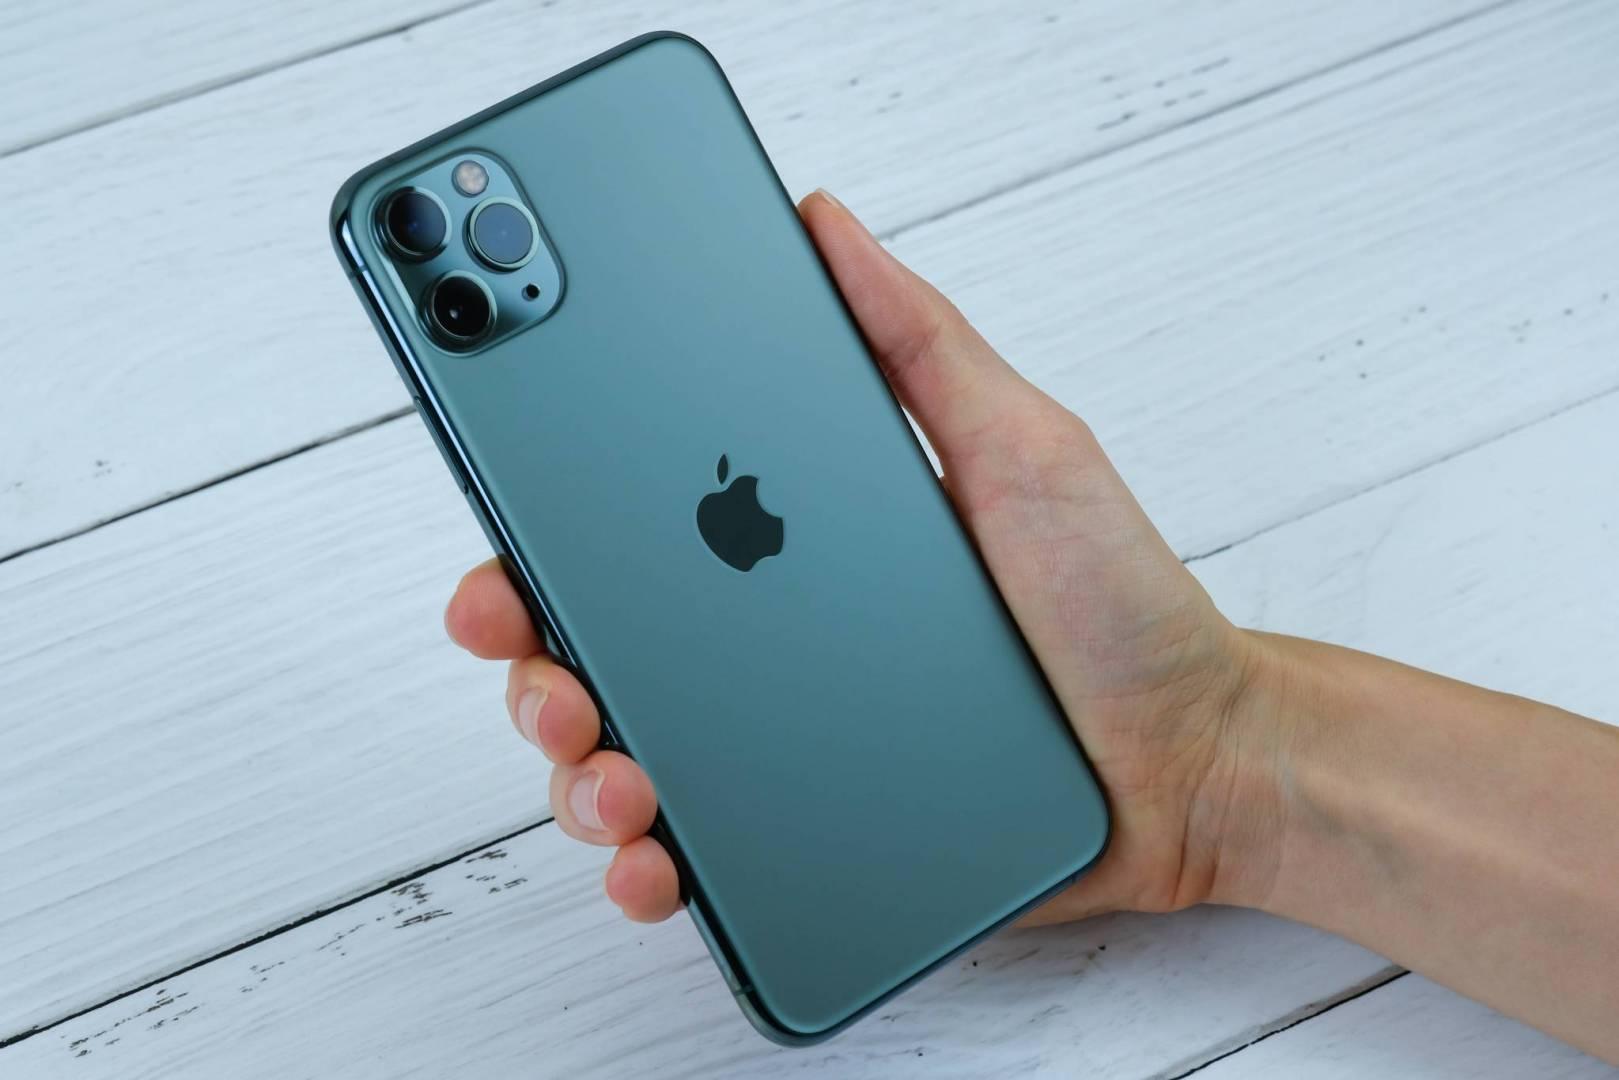 أبل ترفع مستوى إنتاج هواتف آيفون 11